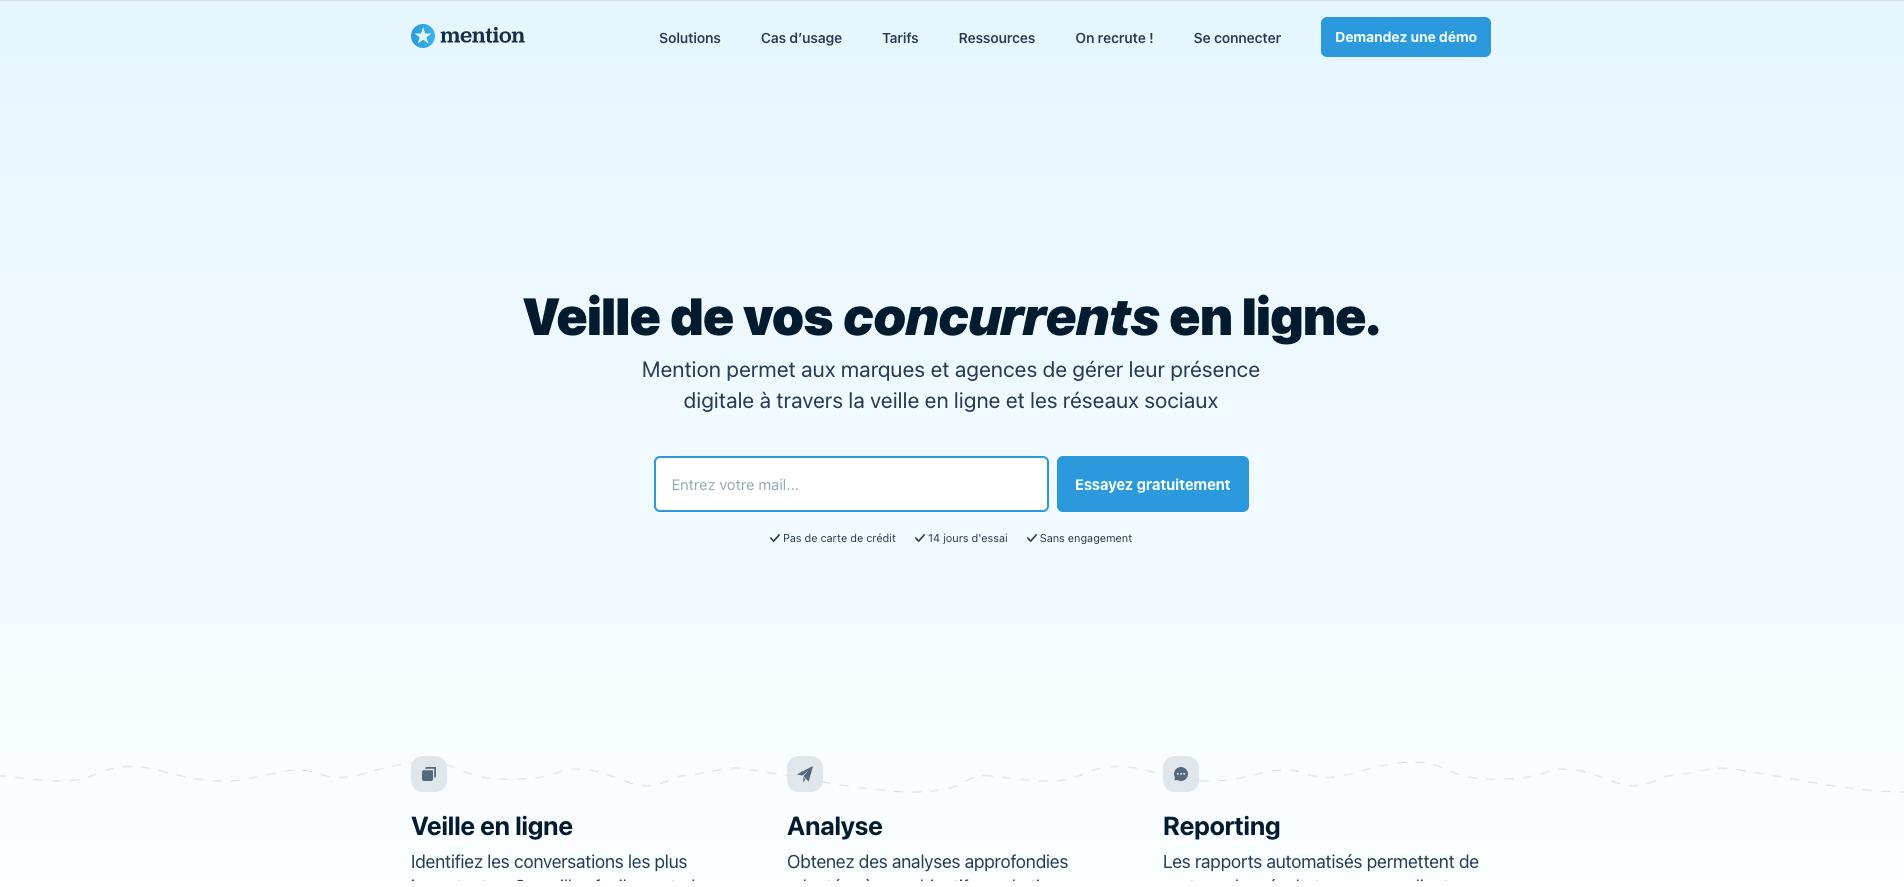 Capture d'écran de la page d'accueil de l'outil de veille Mention